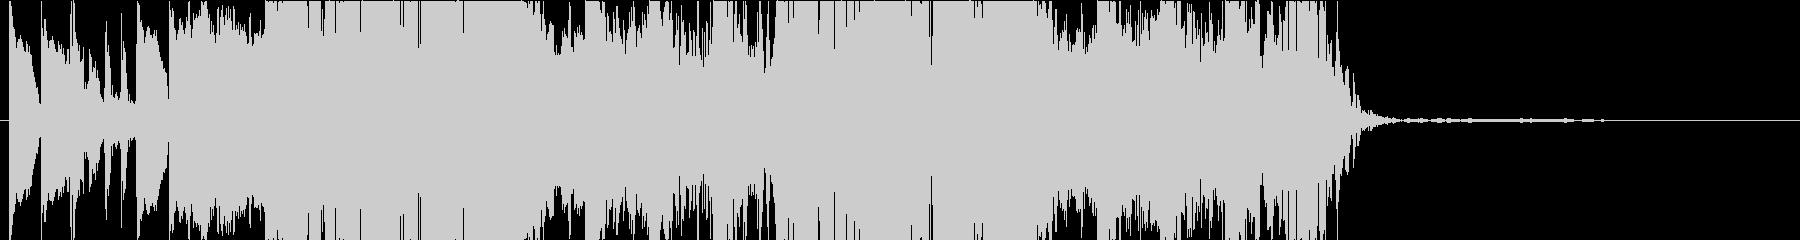 DUBSTEP クール ジングル105の未再生の波形